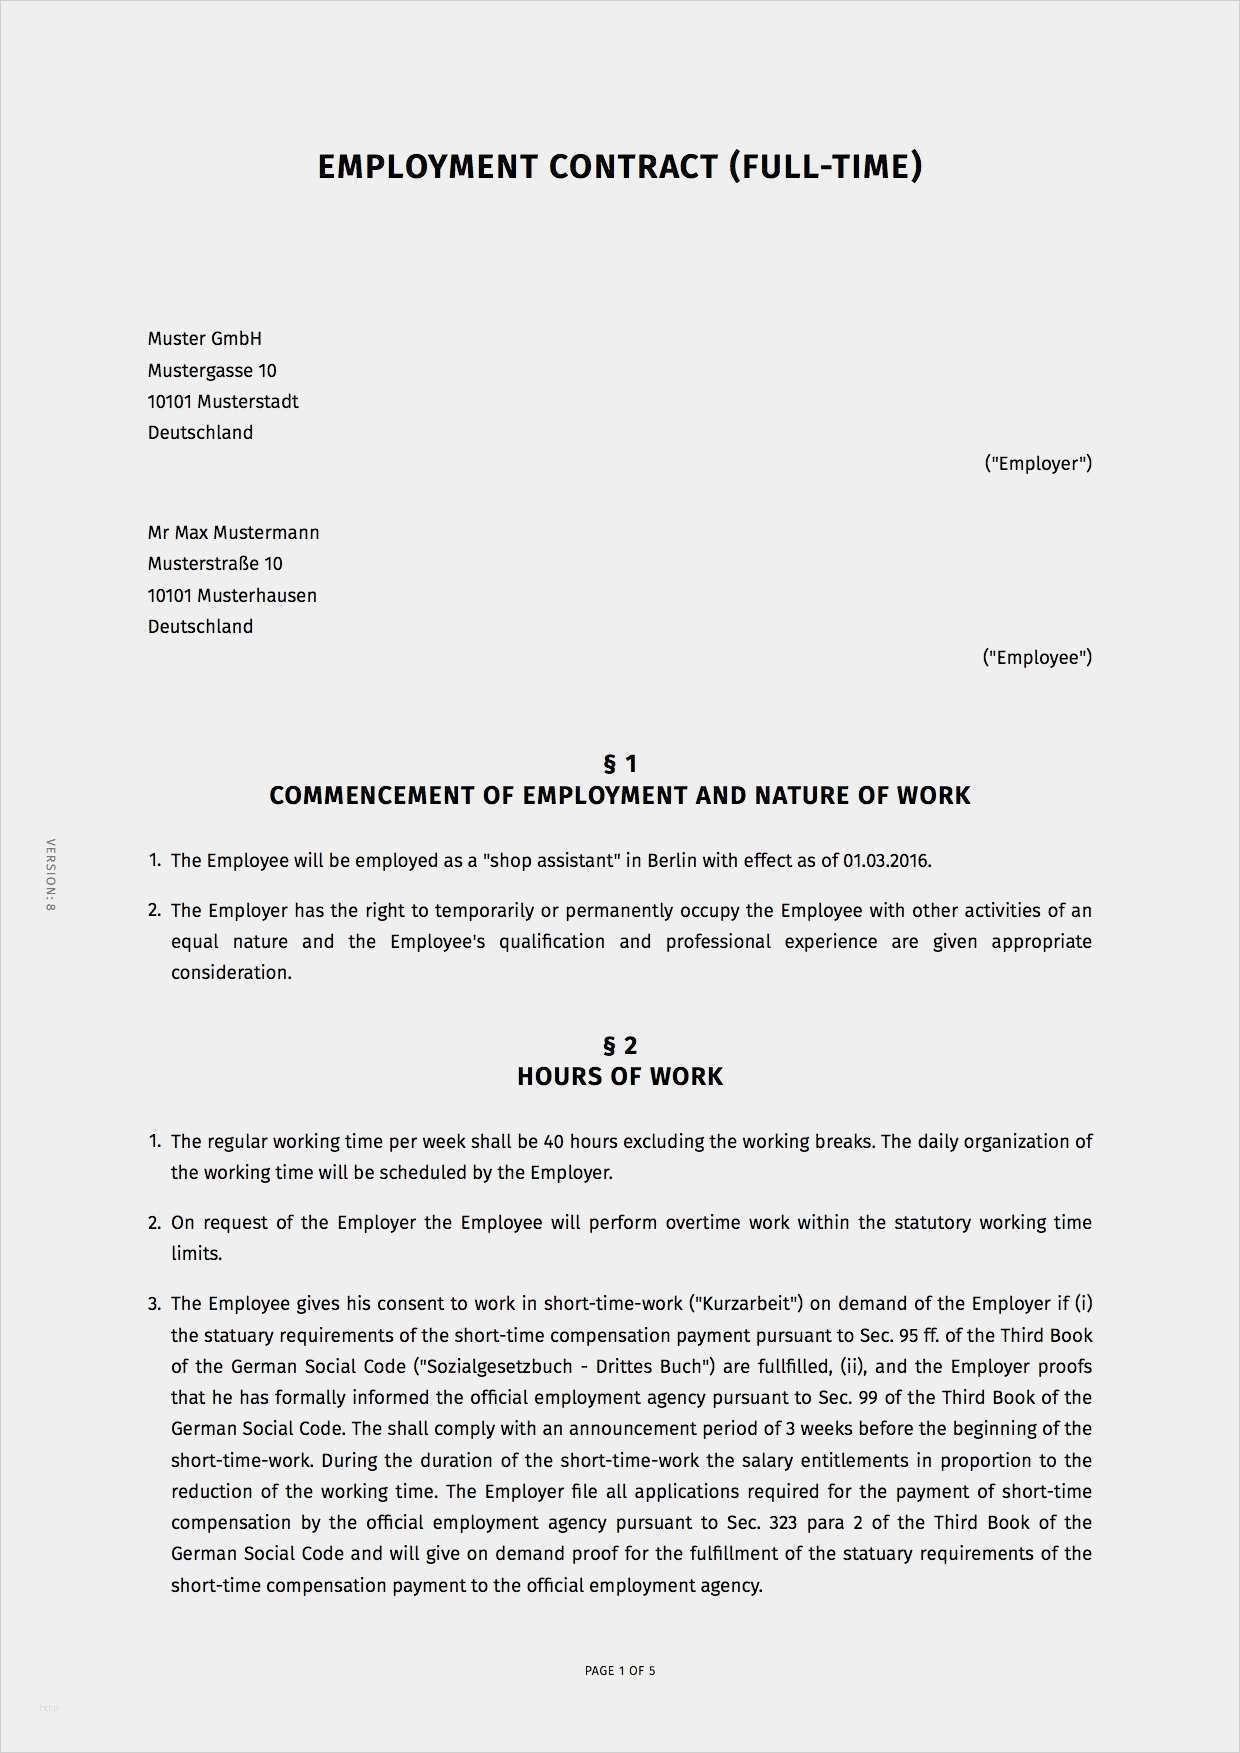 Genial Arbeitsvertrag Freiberufler Vorlage Ideen In 2020 Lebenslauf Vorlagen Word Bewerbungsschreiben Bewerbungsunterlagen